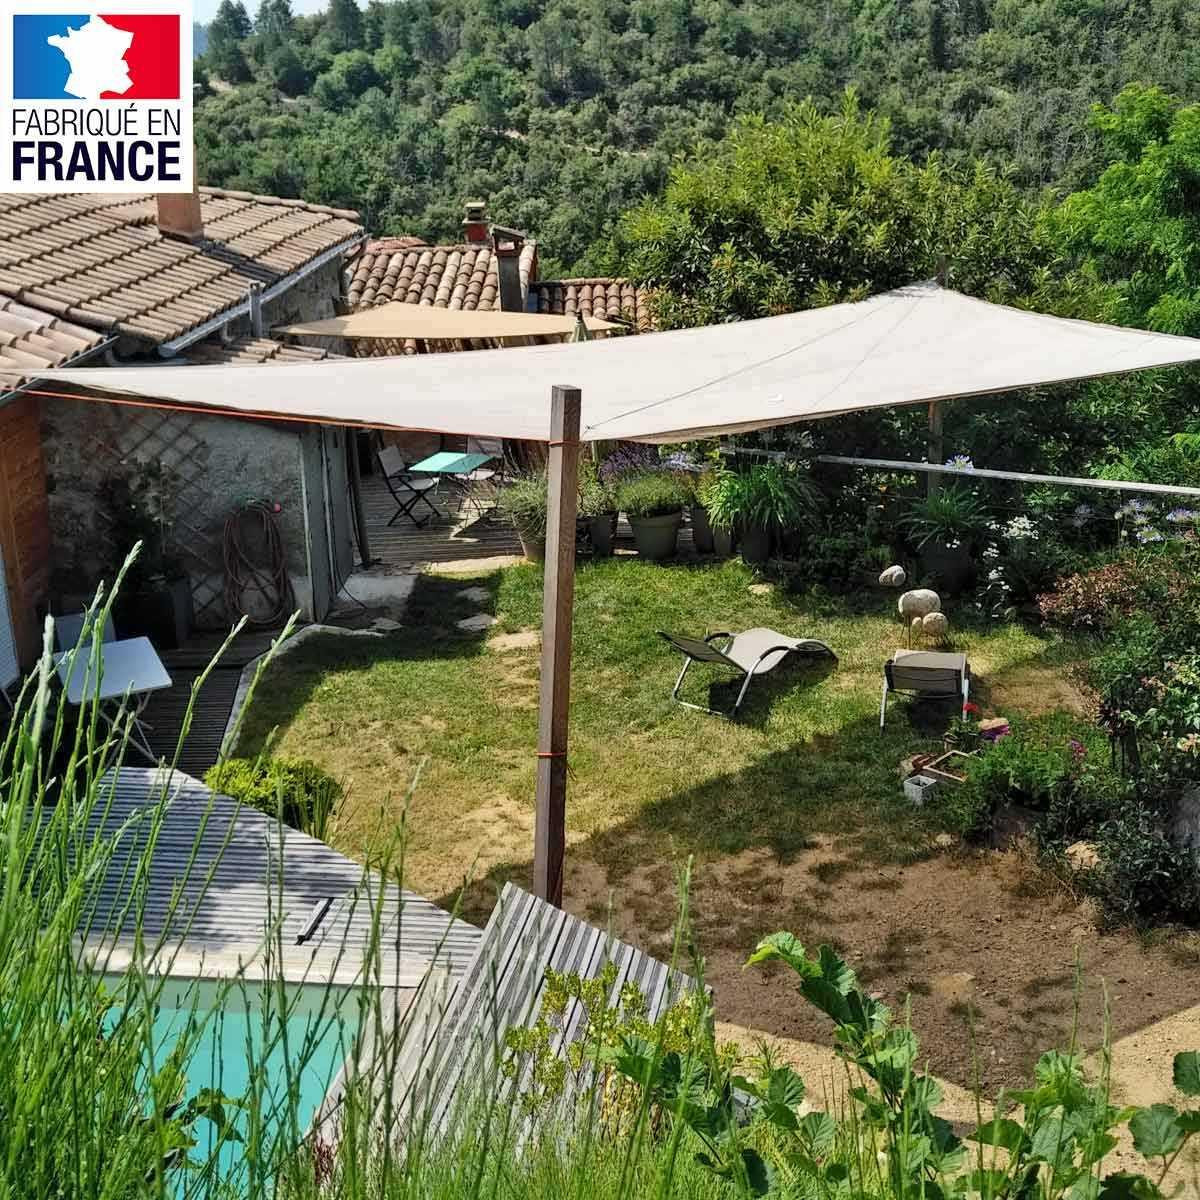 Voile D'ombrage - Filet De Protection Plantations Et Terrasse dedans Filet De Protection Jardin